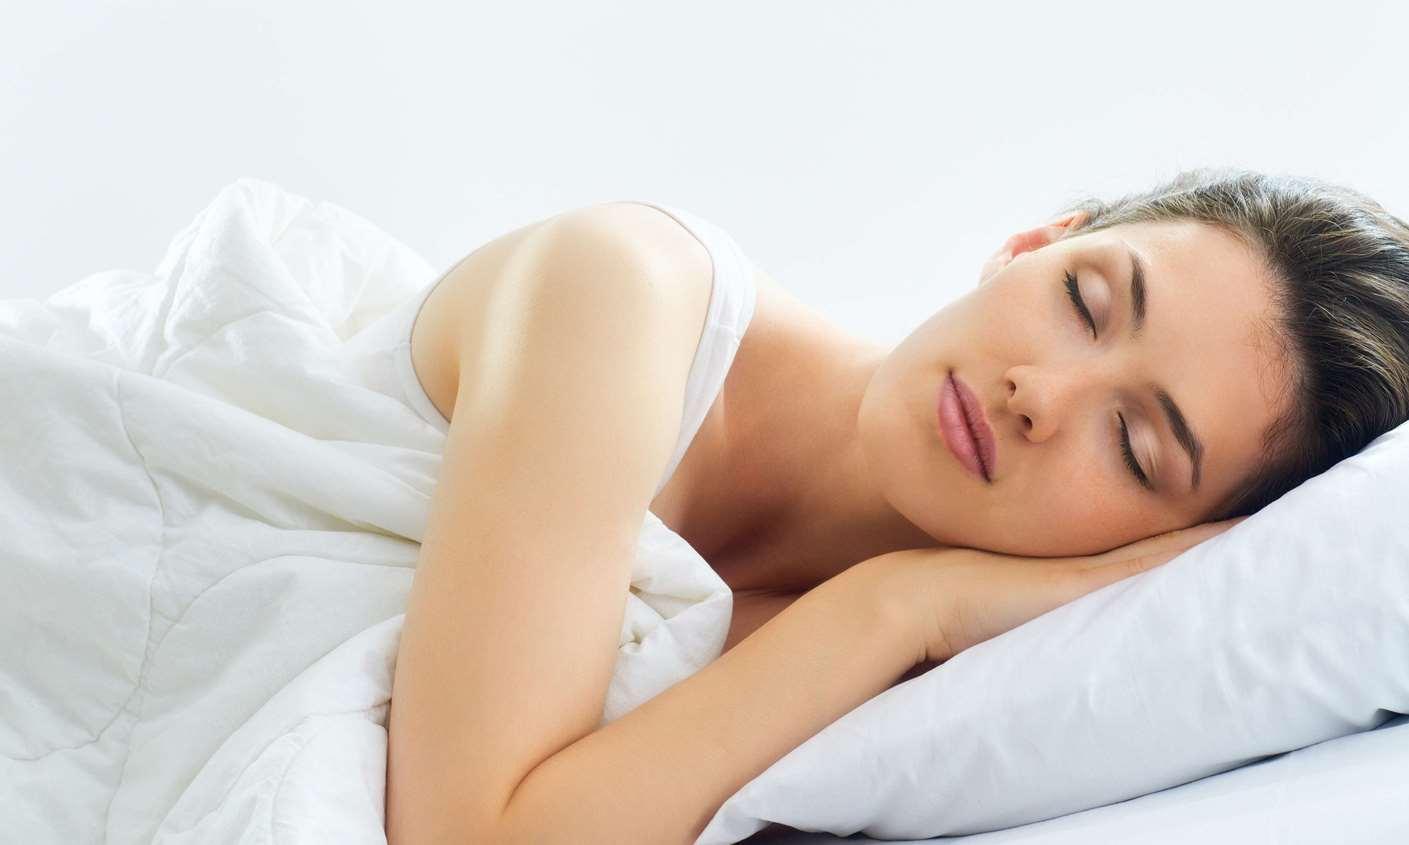 تعلمي كيفية الإستسلام للنوم بسهولة